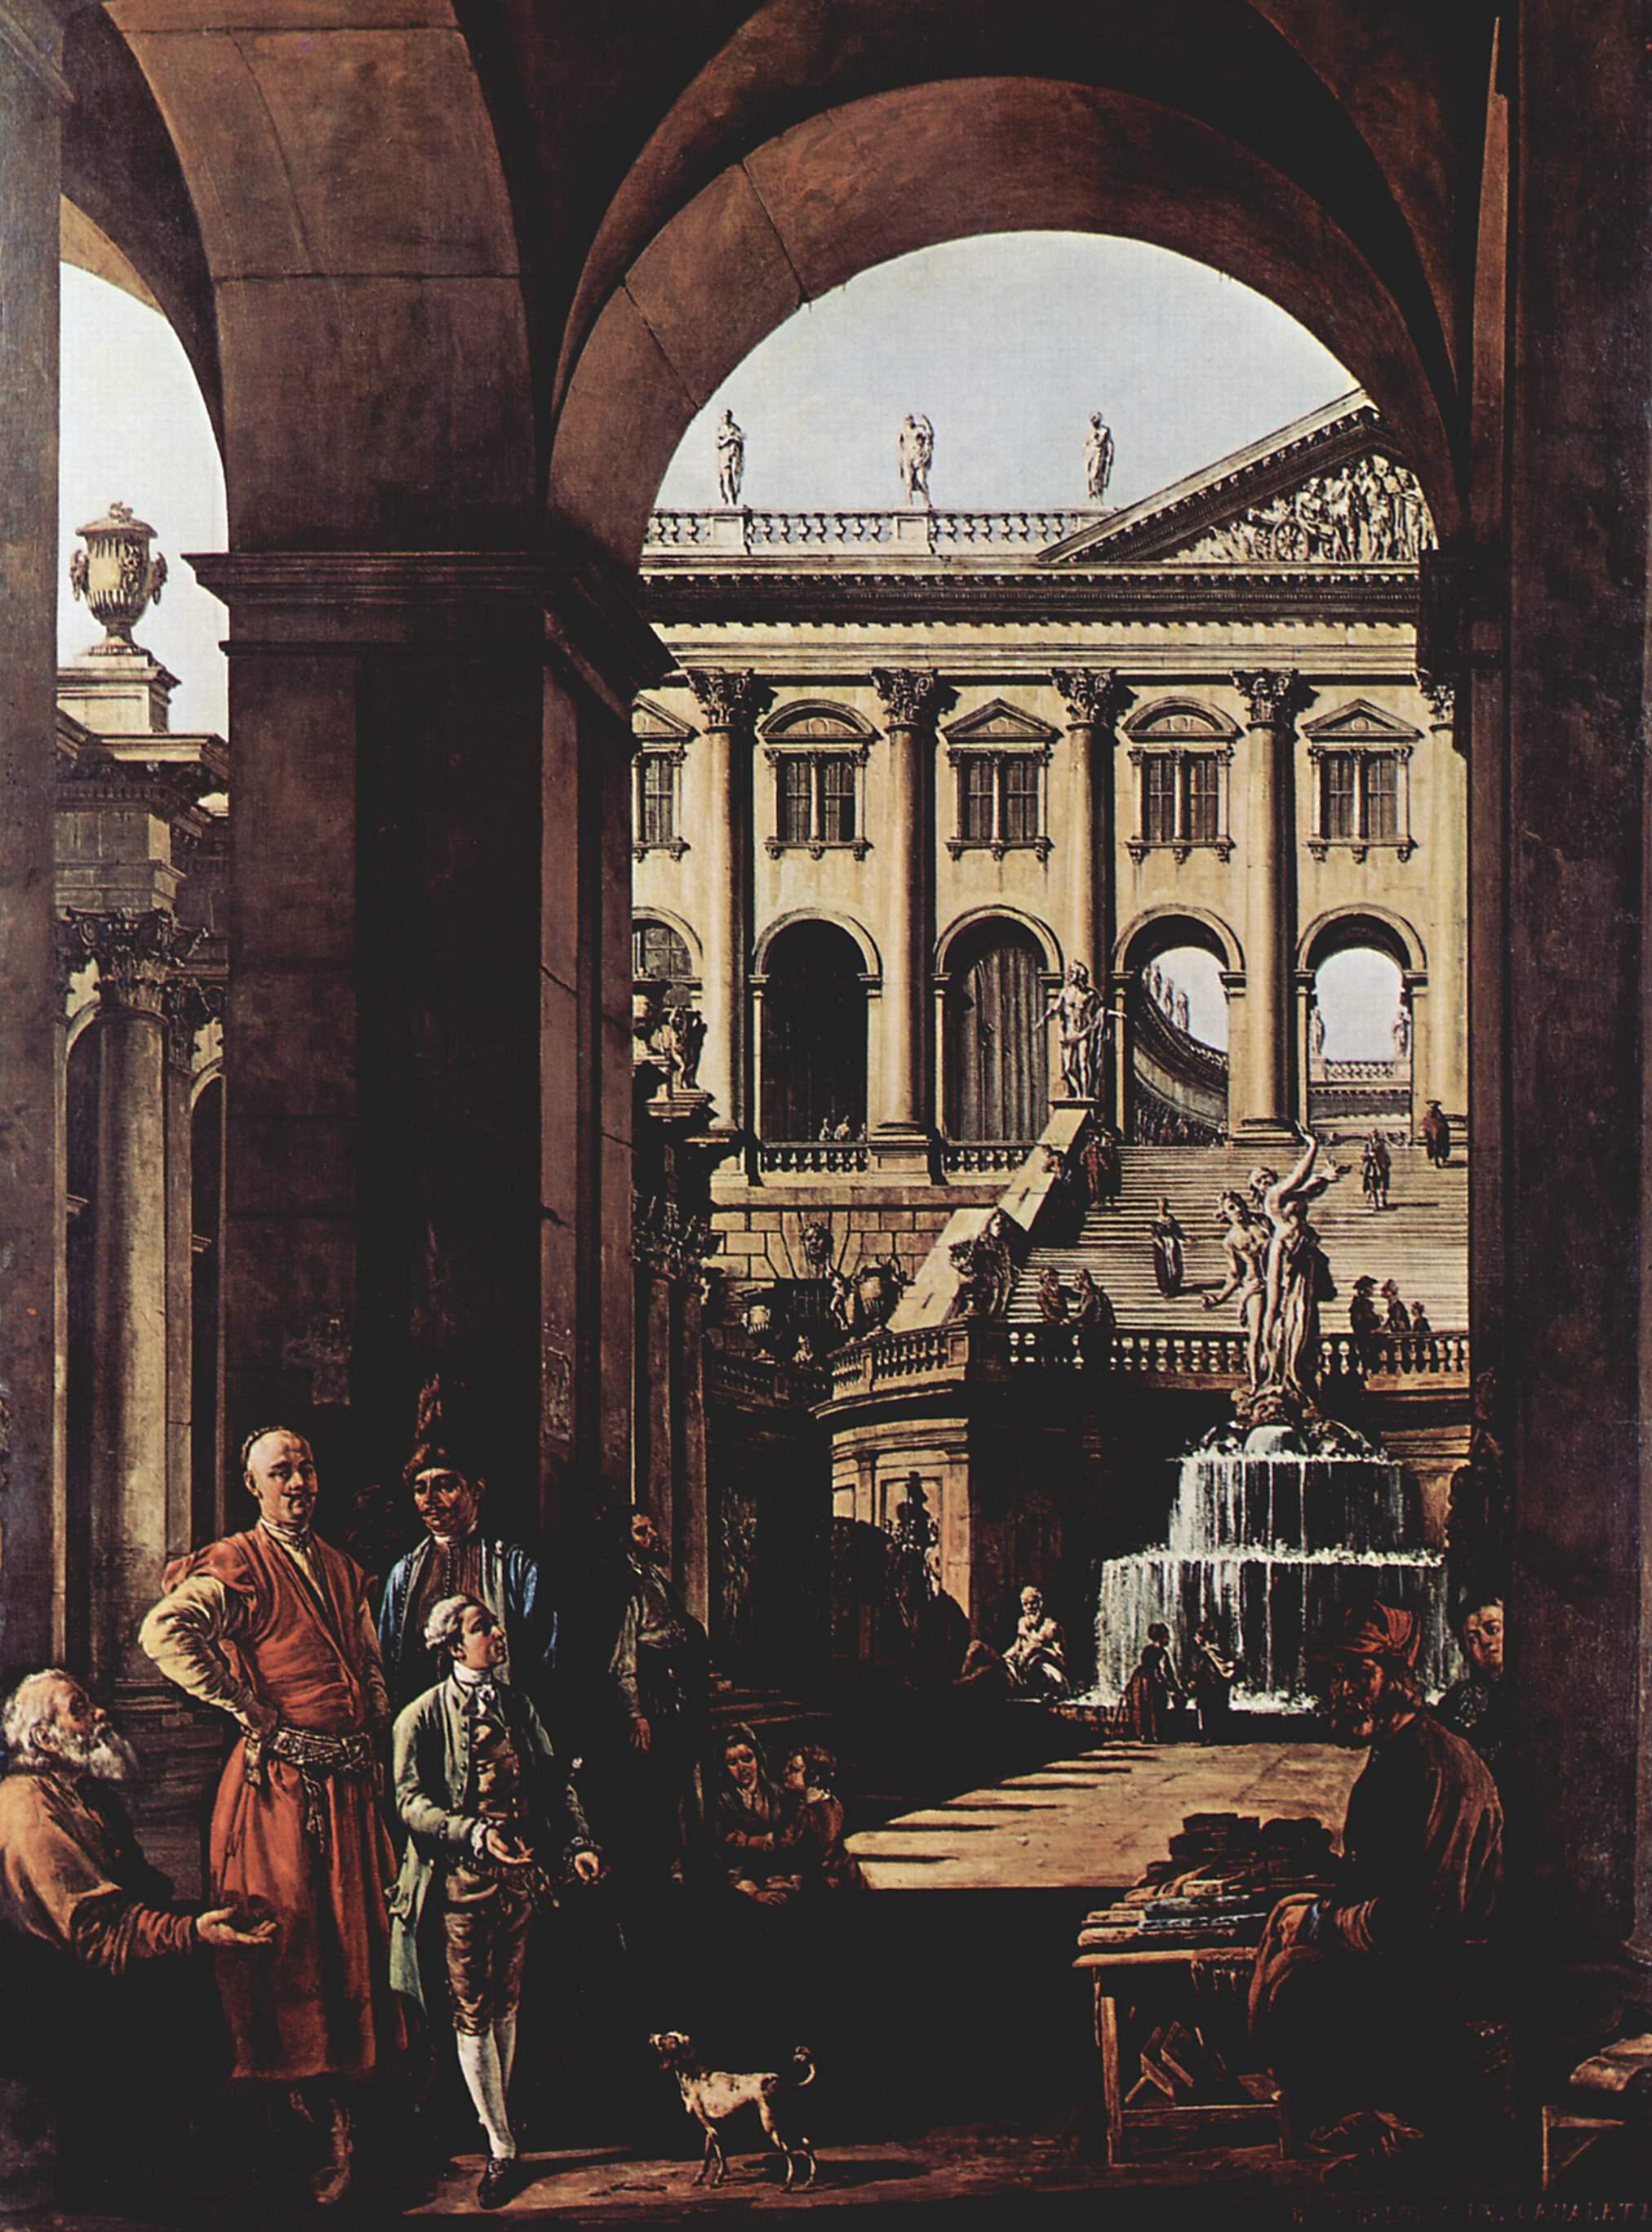 Каприччио, дворцовые ворота, лоджия и большой фонтан в Войода Потоки, Джованни Антонио Каналетто 1